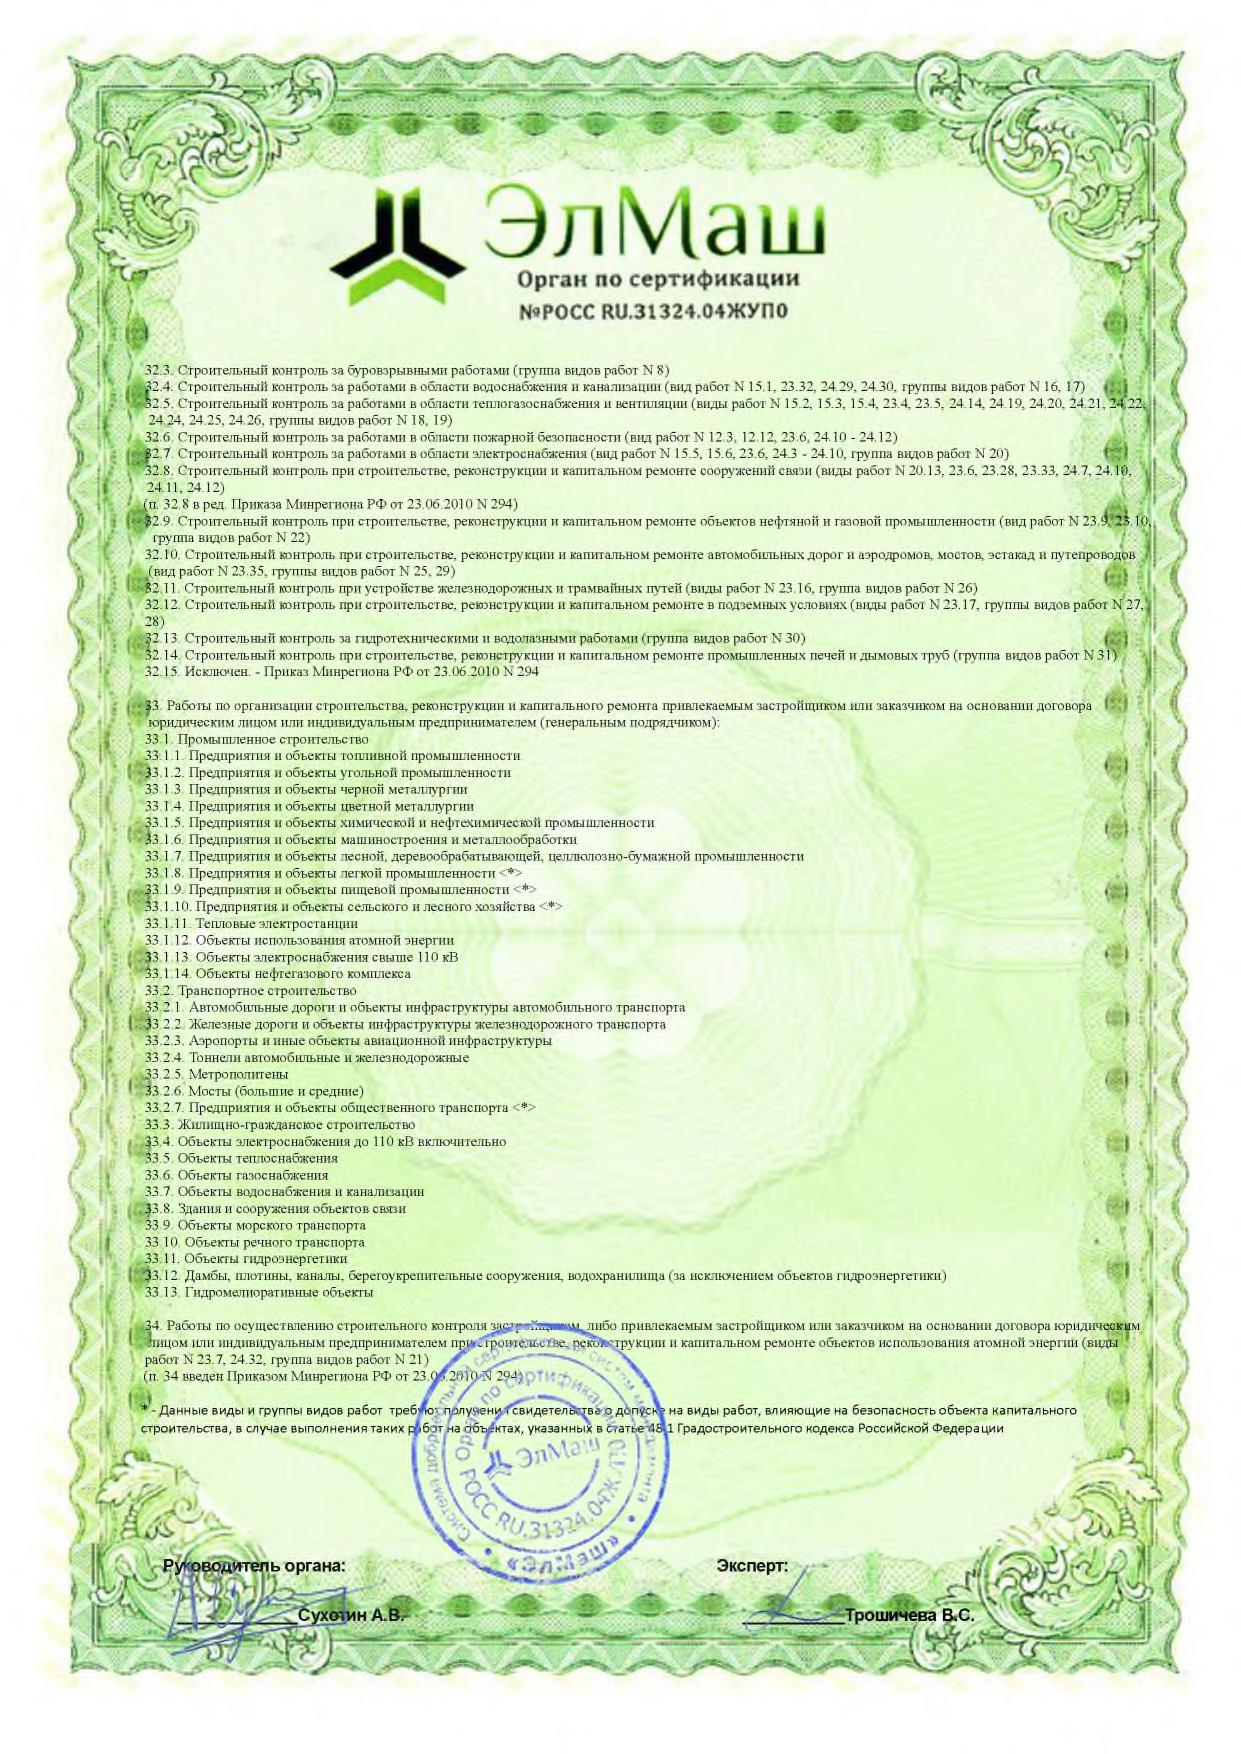 Электролид сертификация менеджмента системы качества Элмаш Приложение стр 6